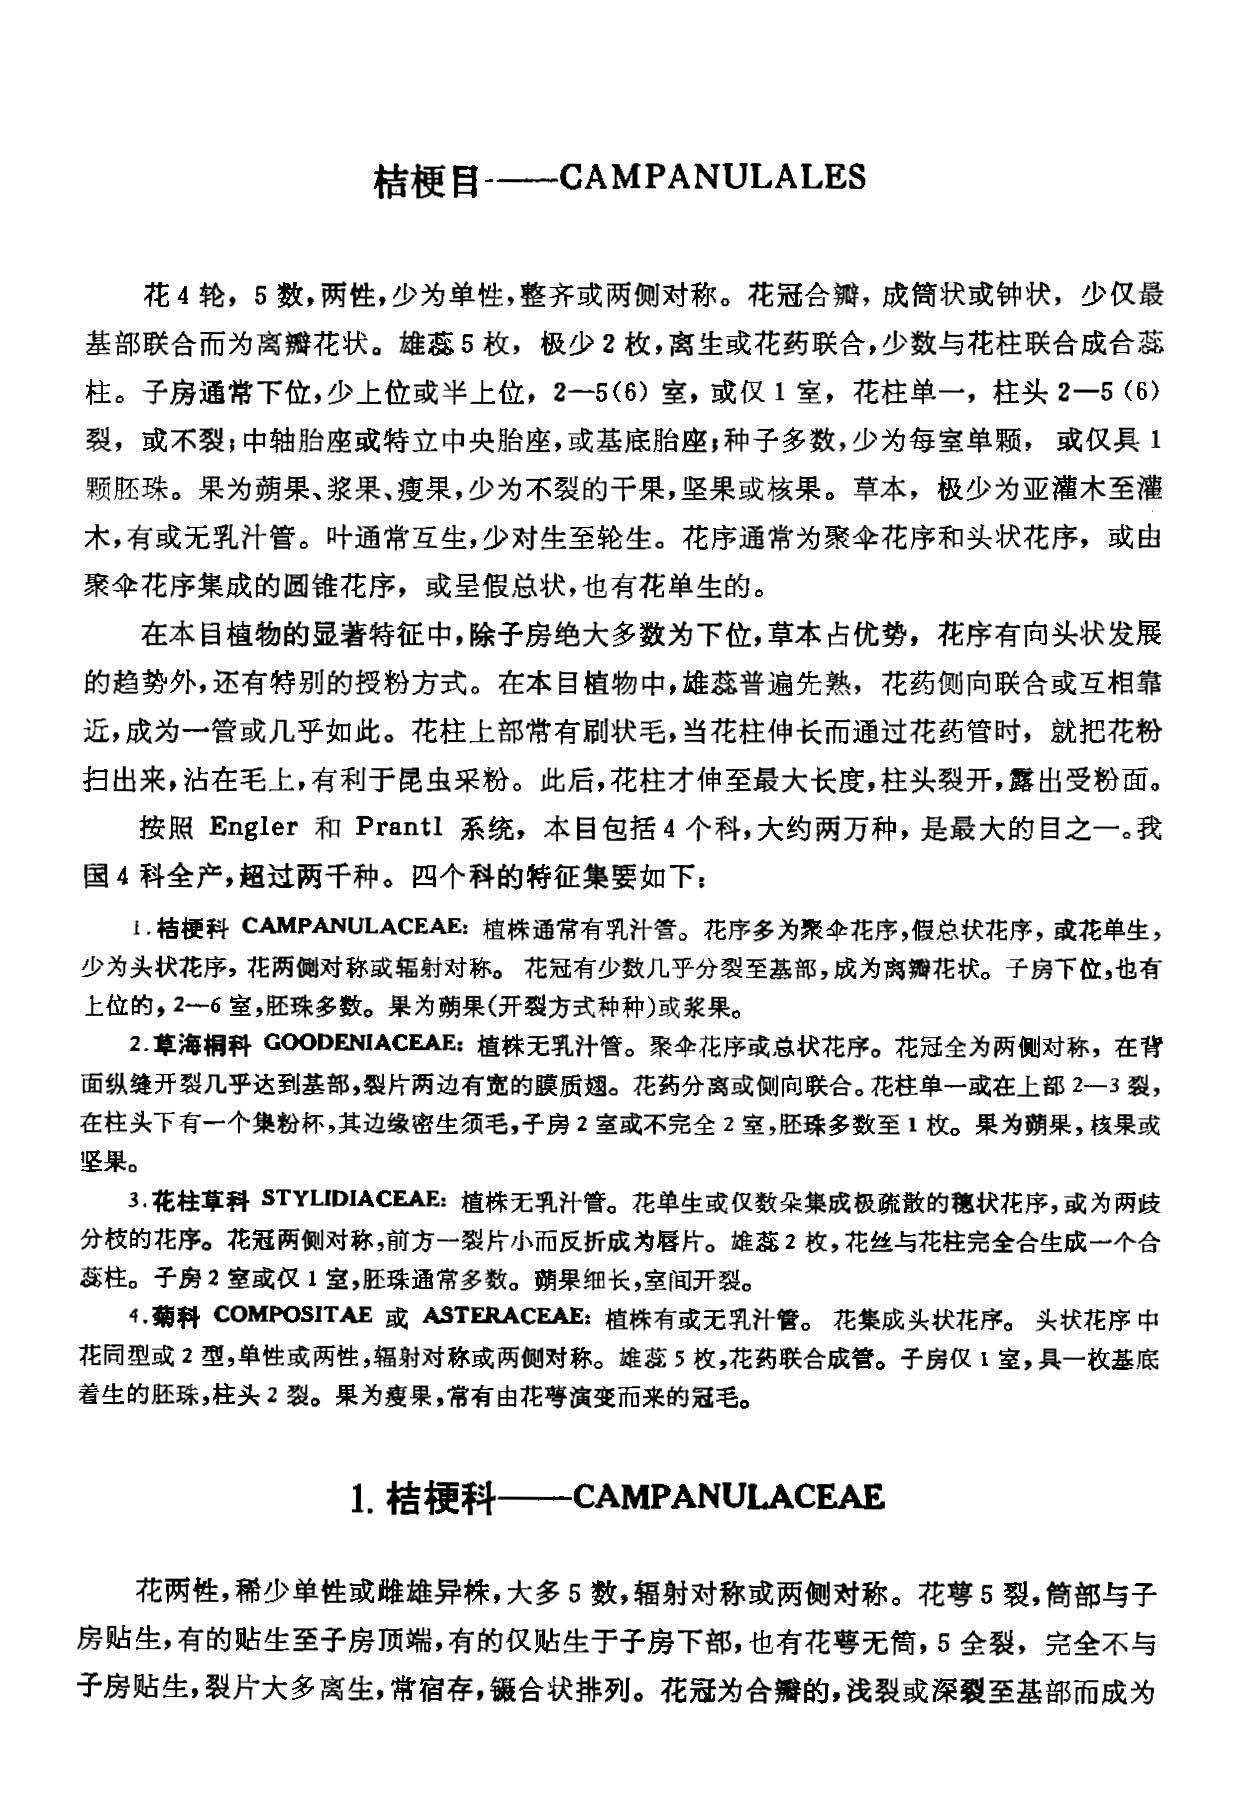 中国植物志 第七十三卷 第二分册